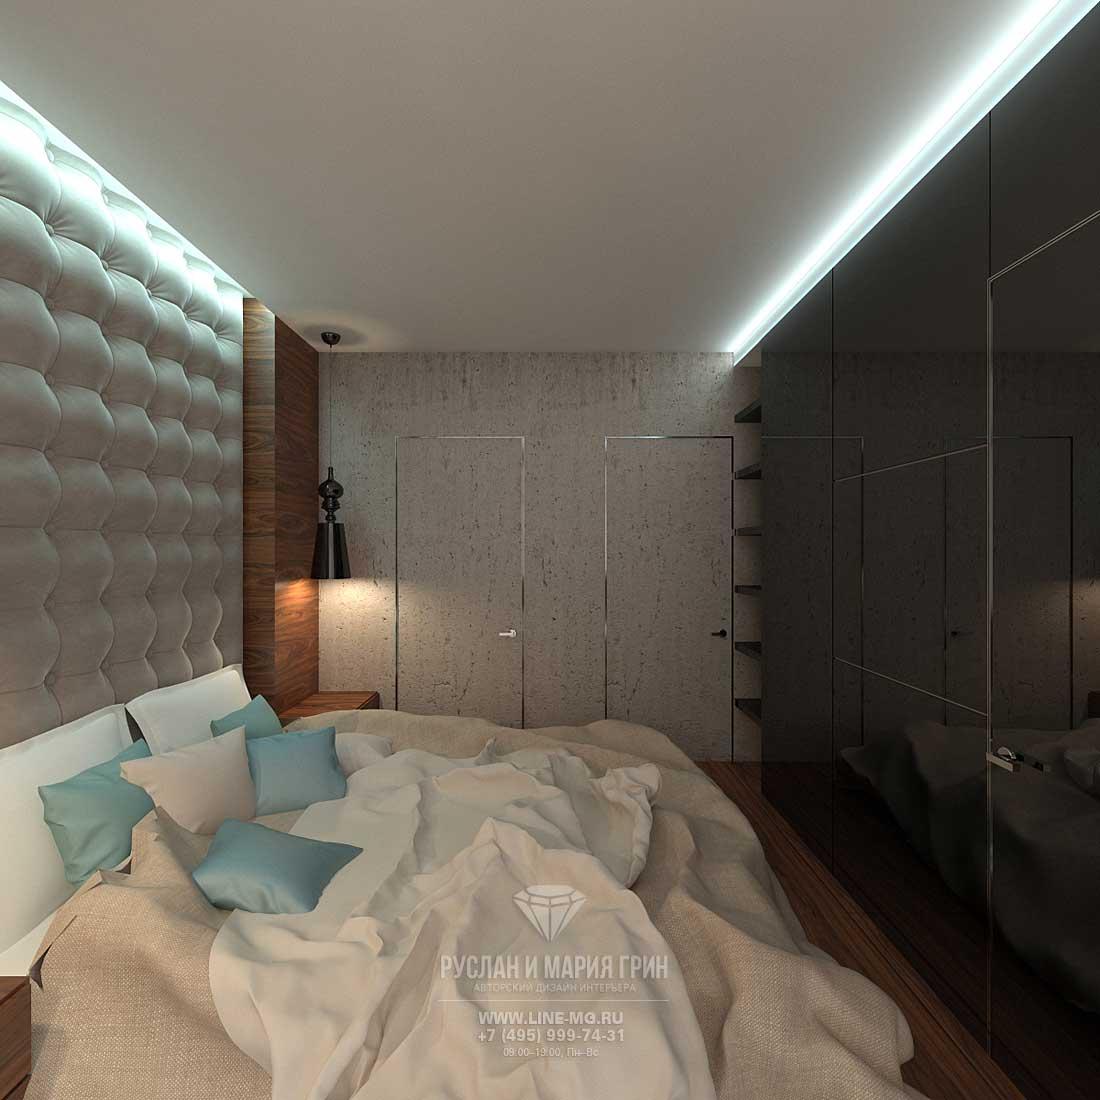 Дизайн спальни в квартире для молодого человека